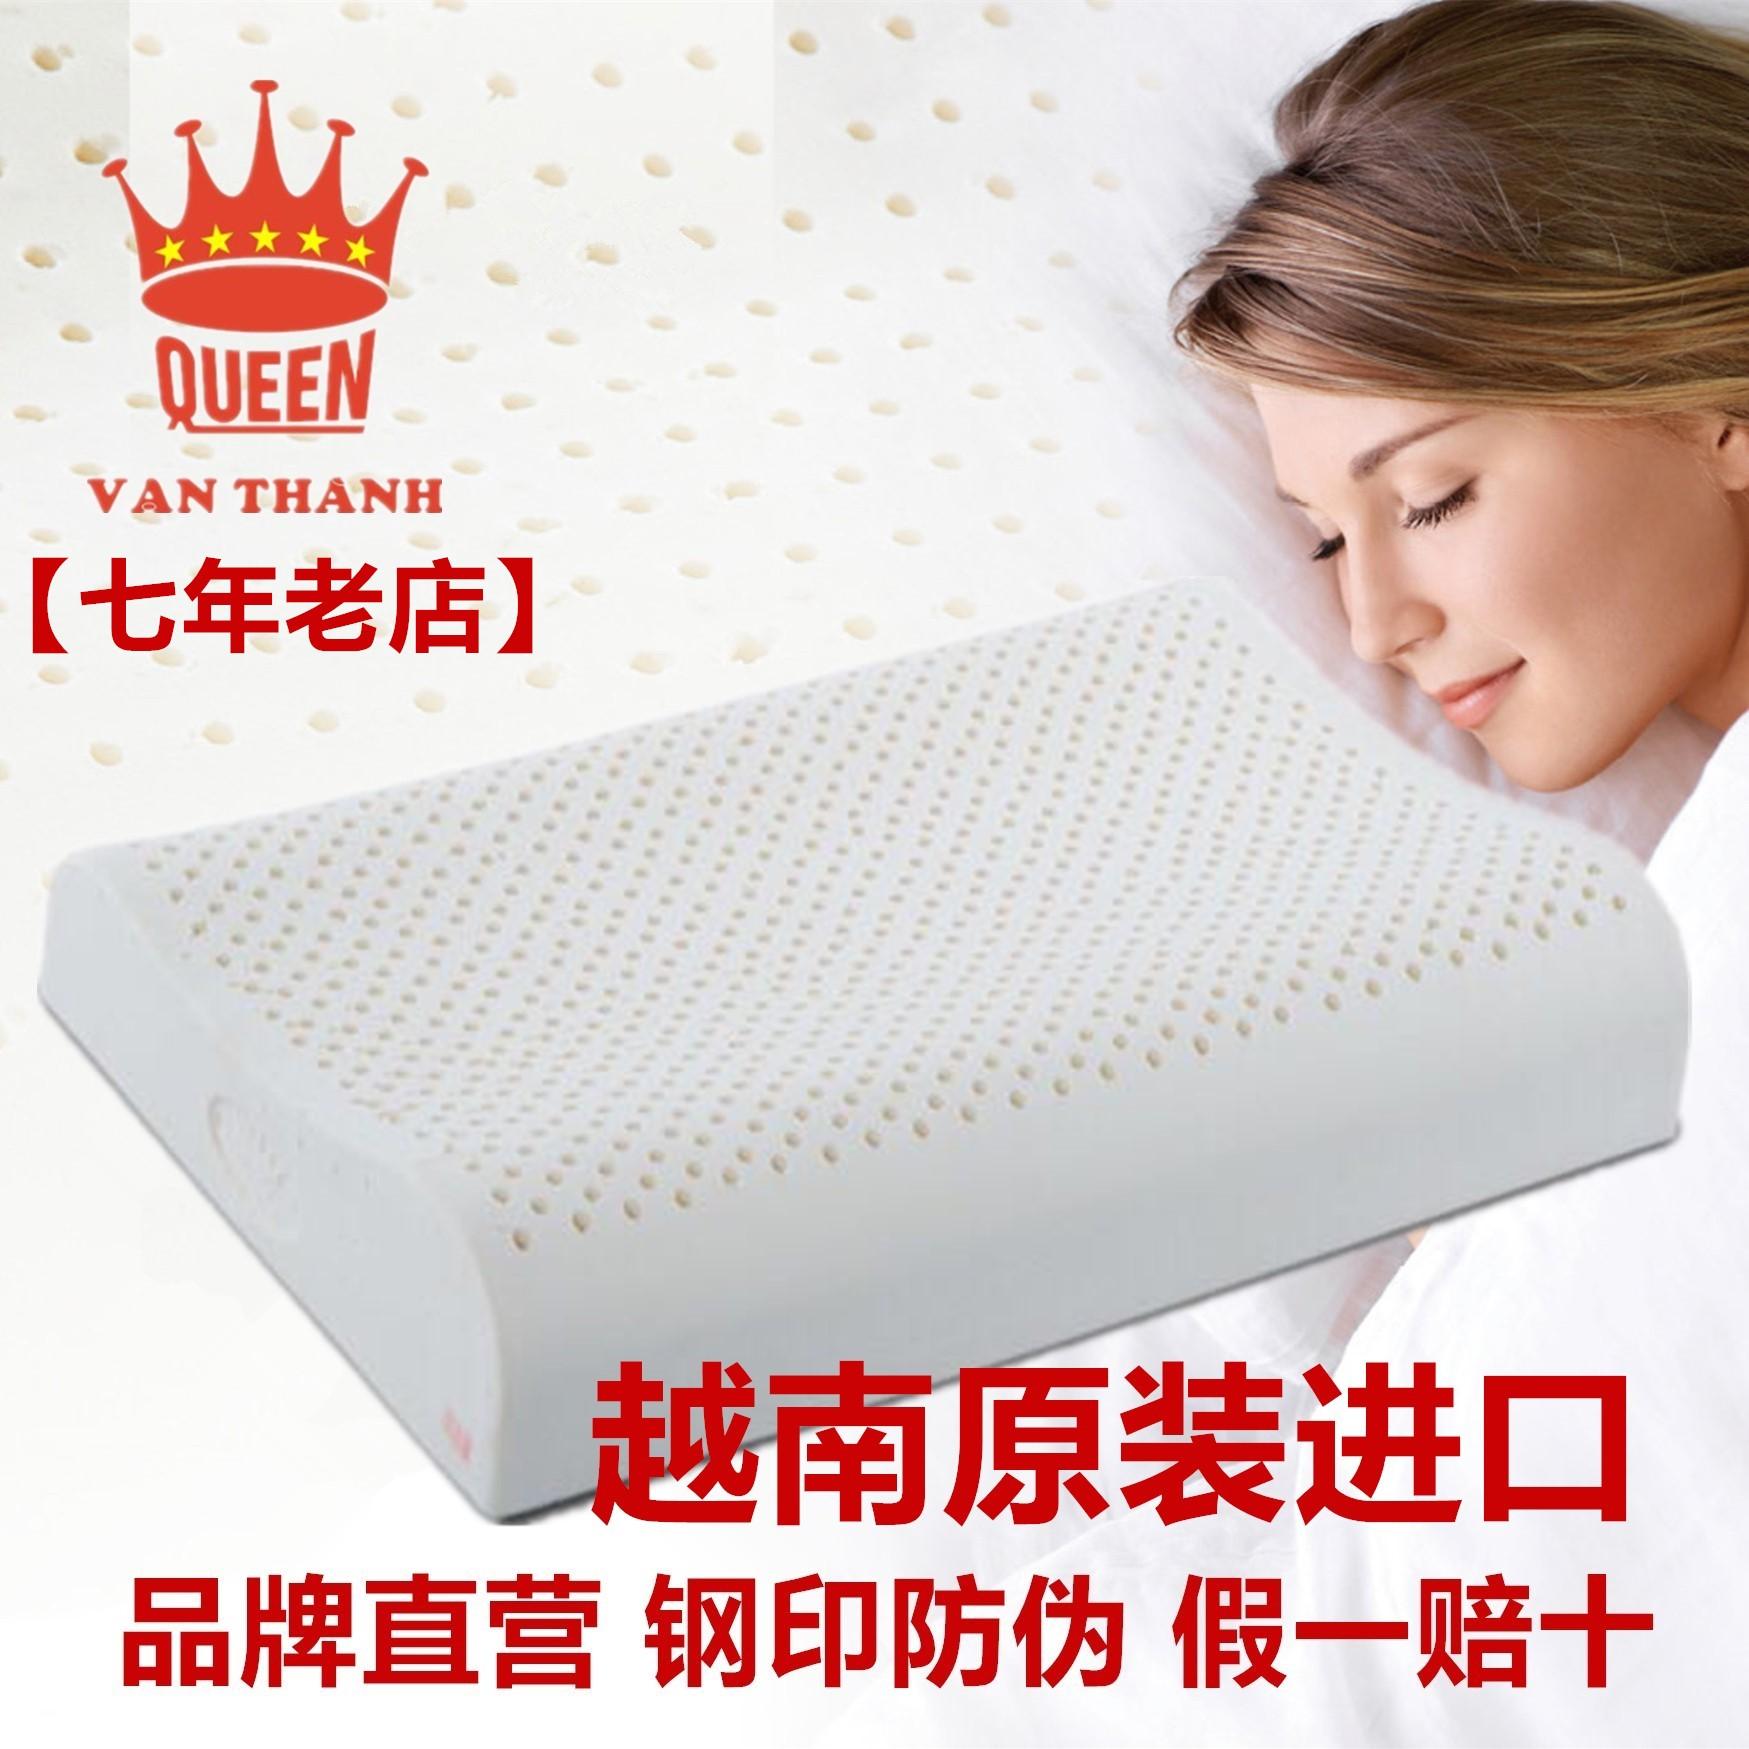 ラテックス枕の輸入はタイのラテックス枕より優れています。